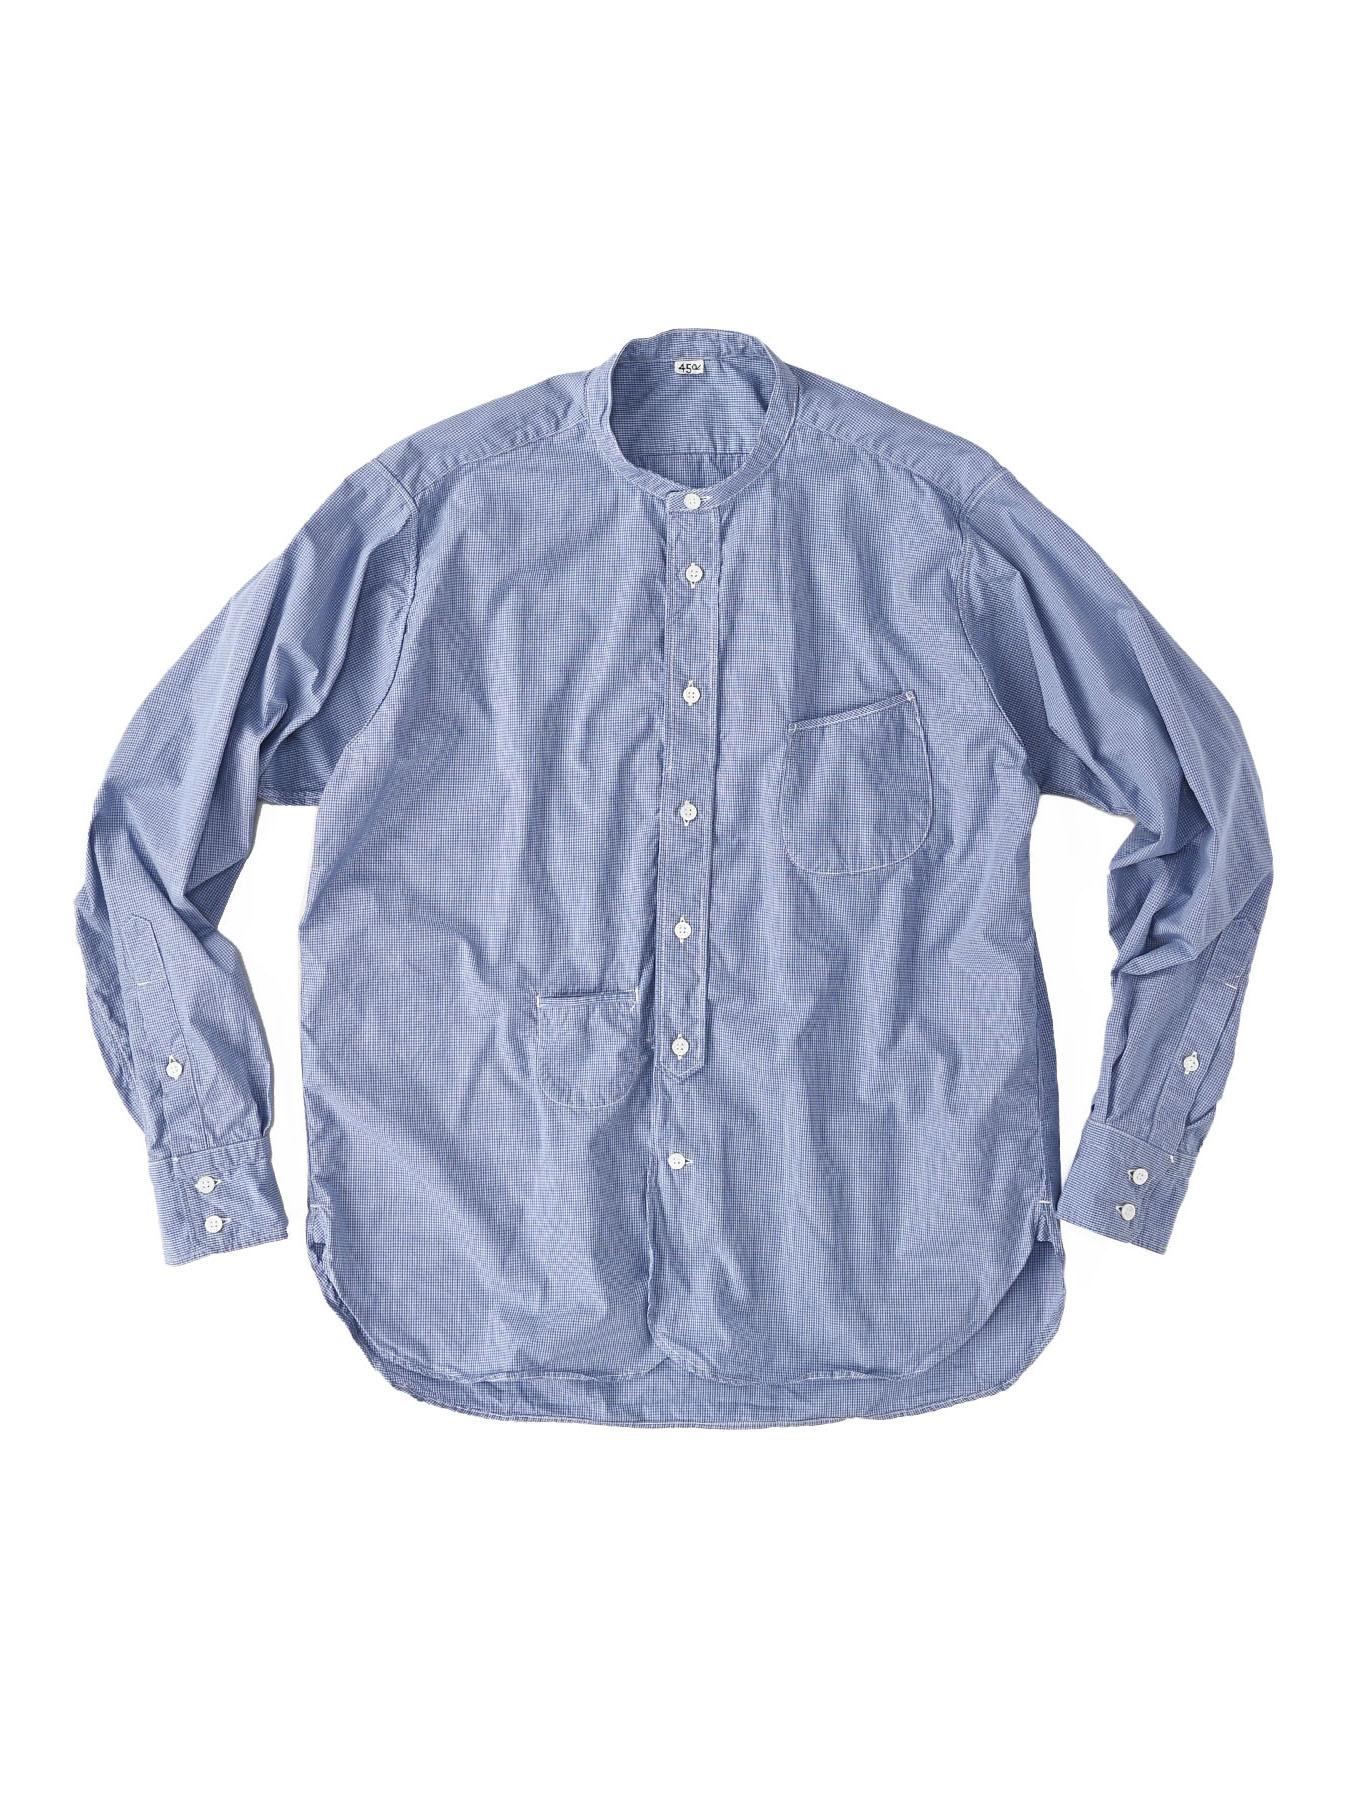 Damp 908 Stand Ocean Shirt(0721)-8